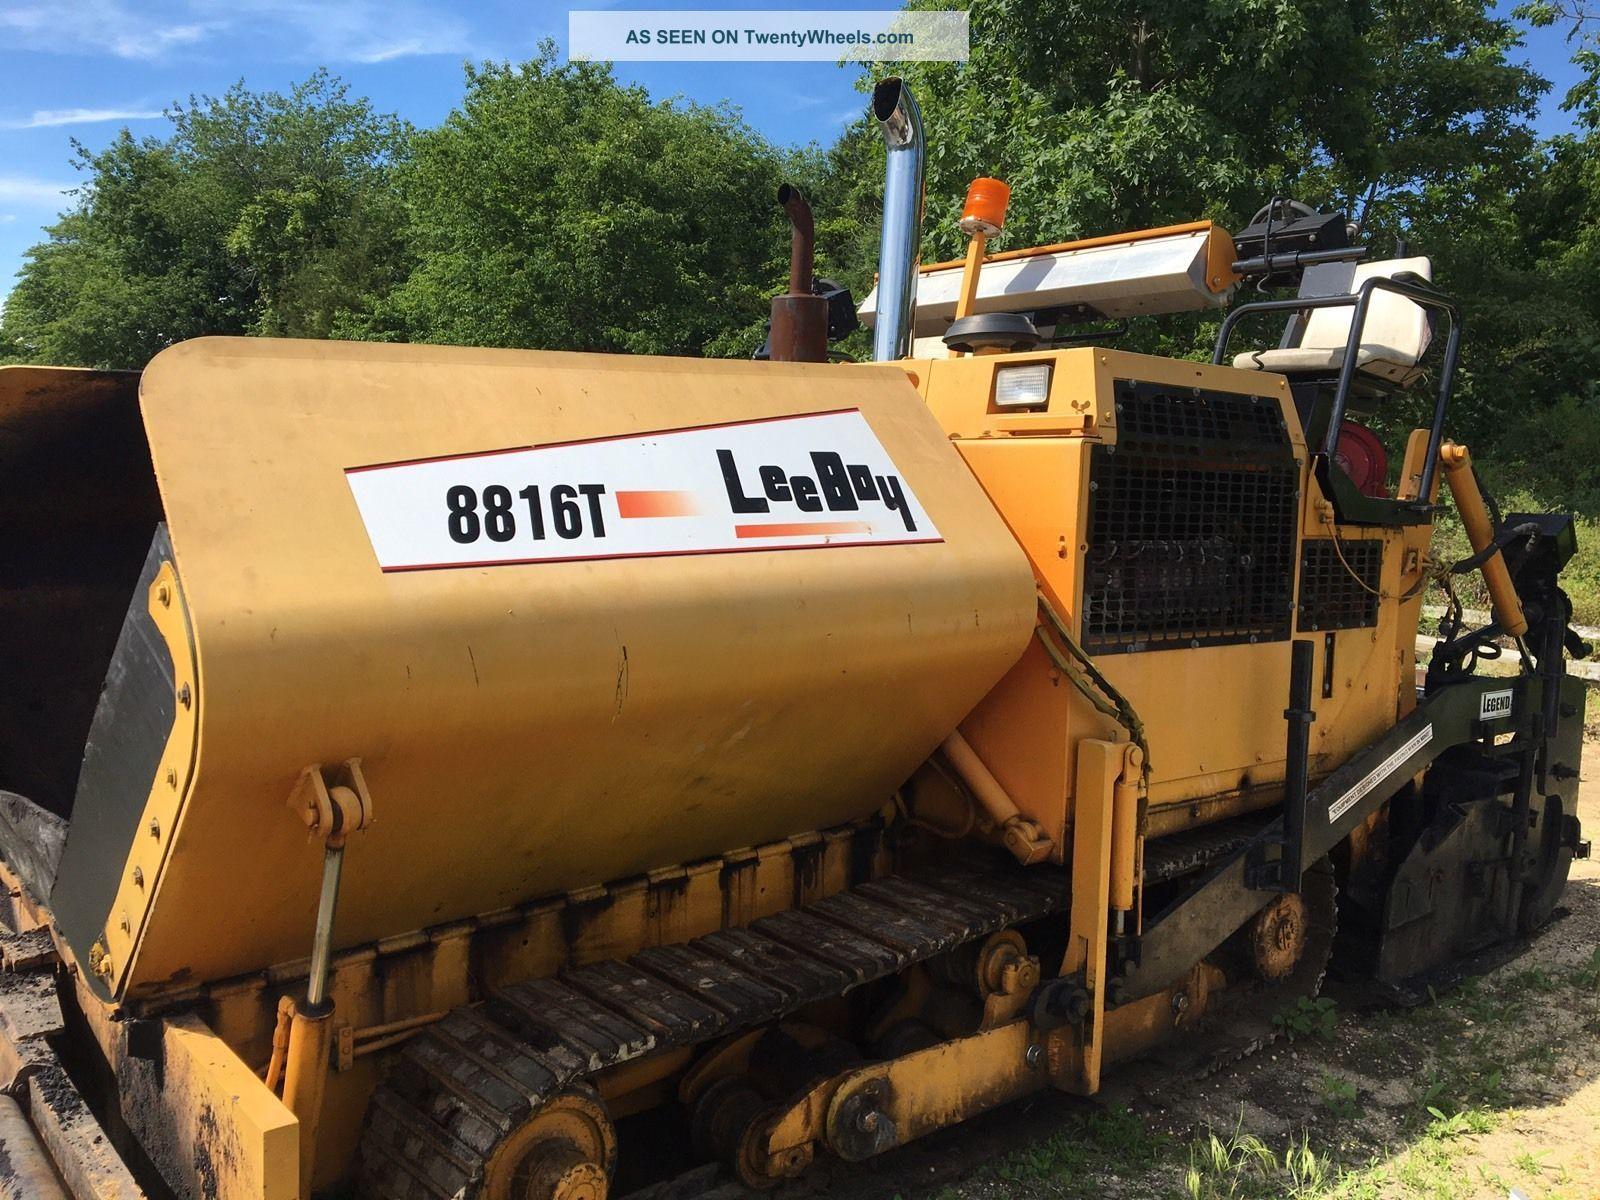 2006 Leeboy Paver 8816 Pavers - Asphalt & Concrete photo